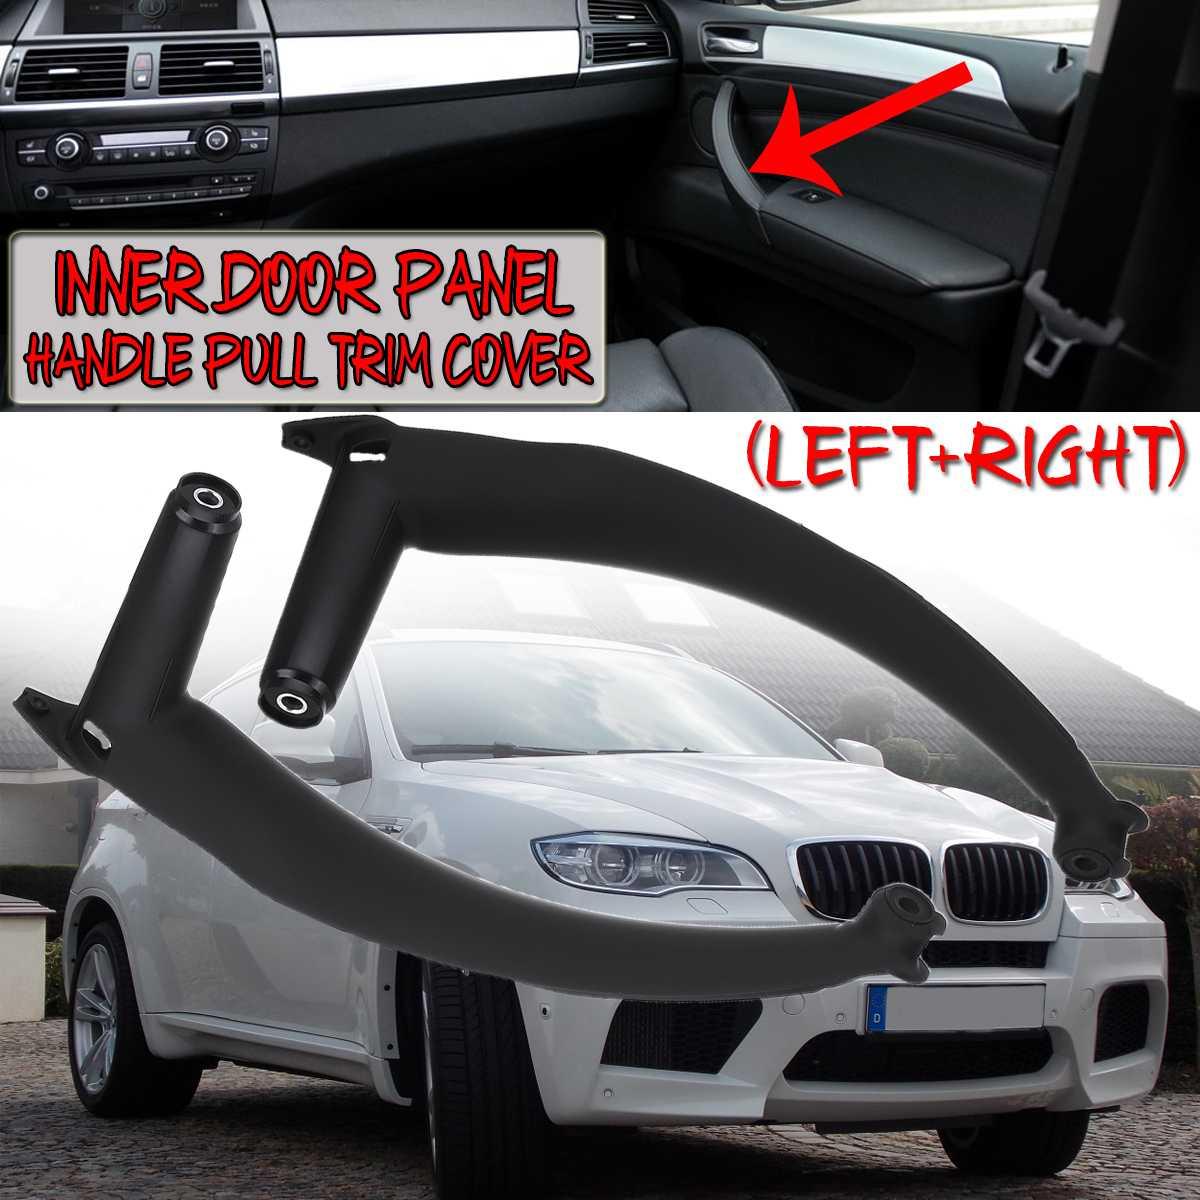 2013 Bmw X6 Interior: New Car Interior Door Handle For BMW E70 X5 SAV 2007 2013